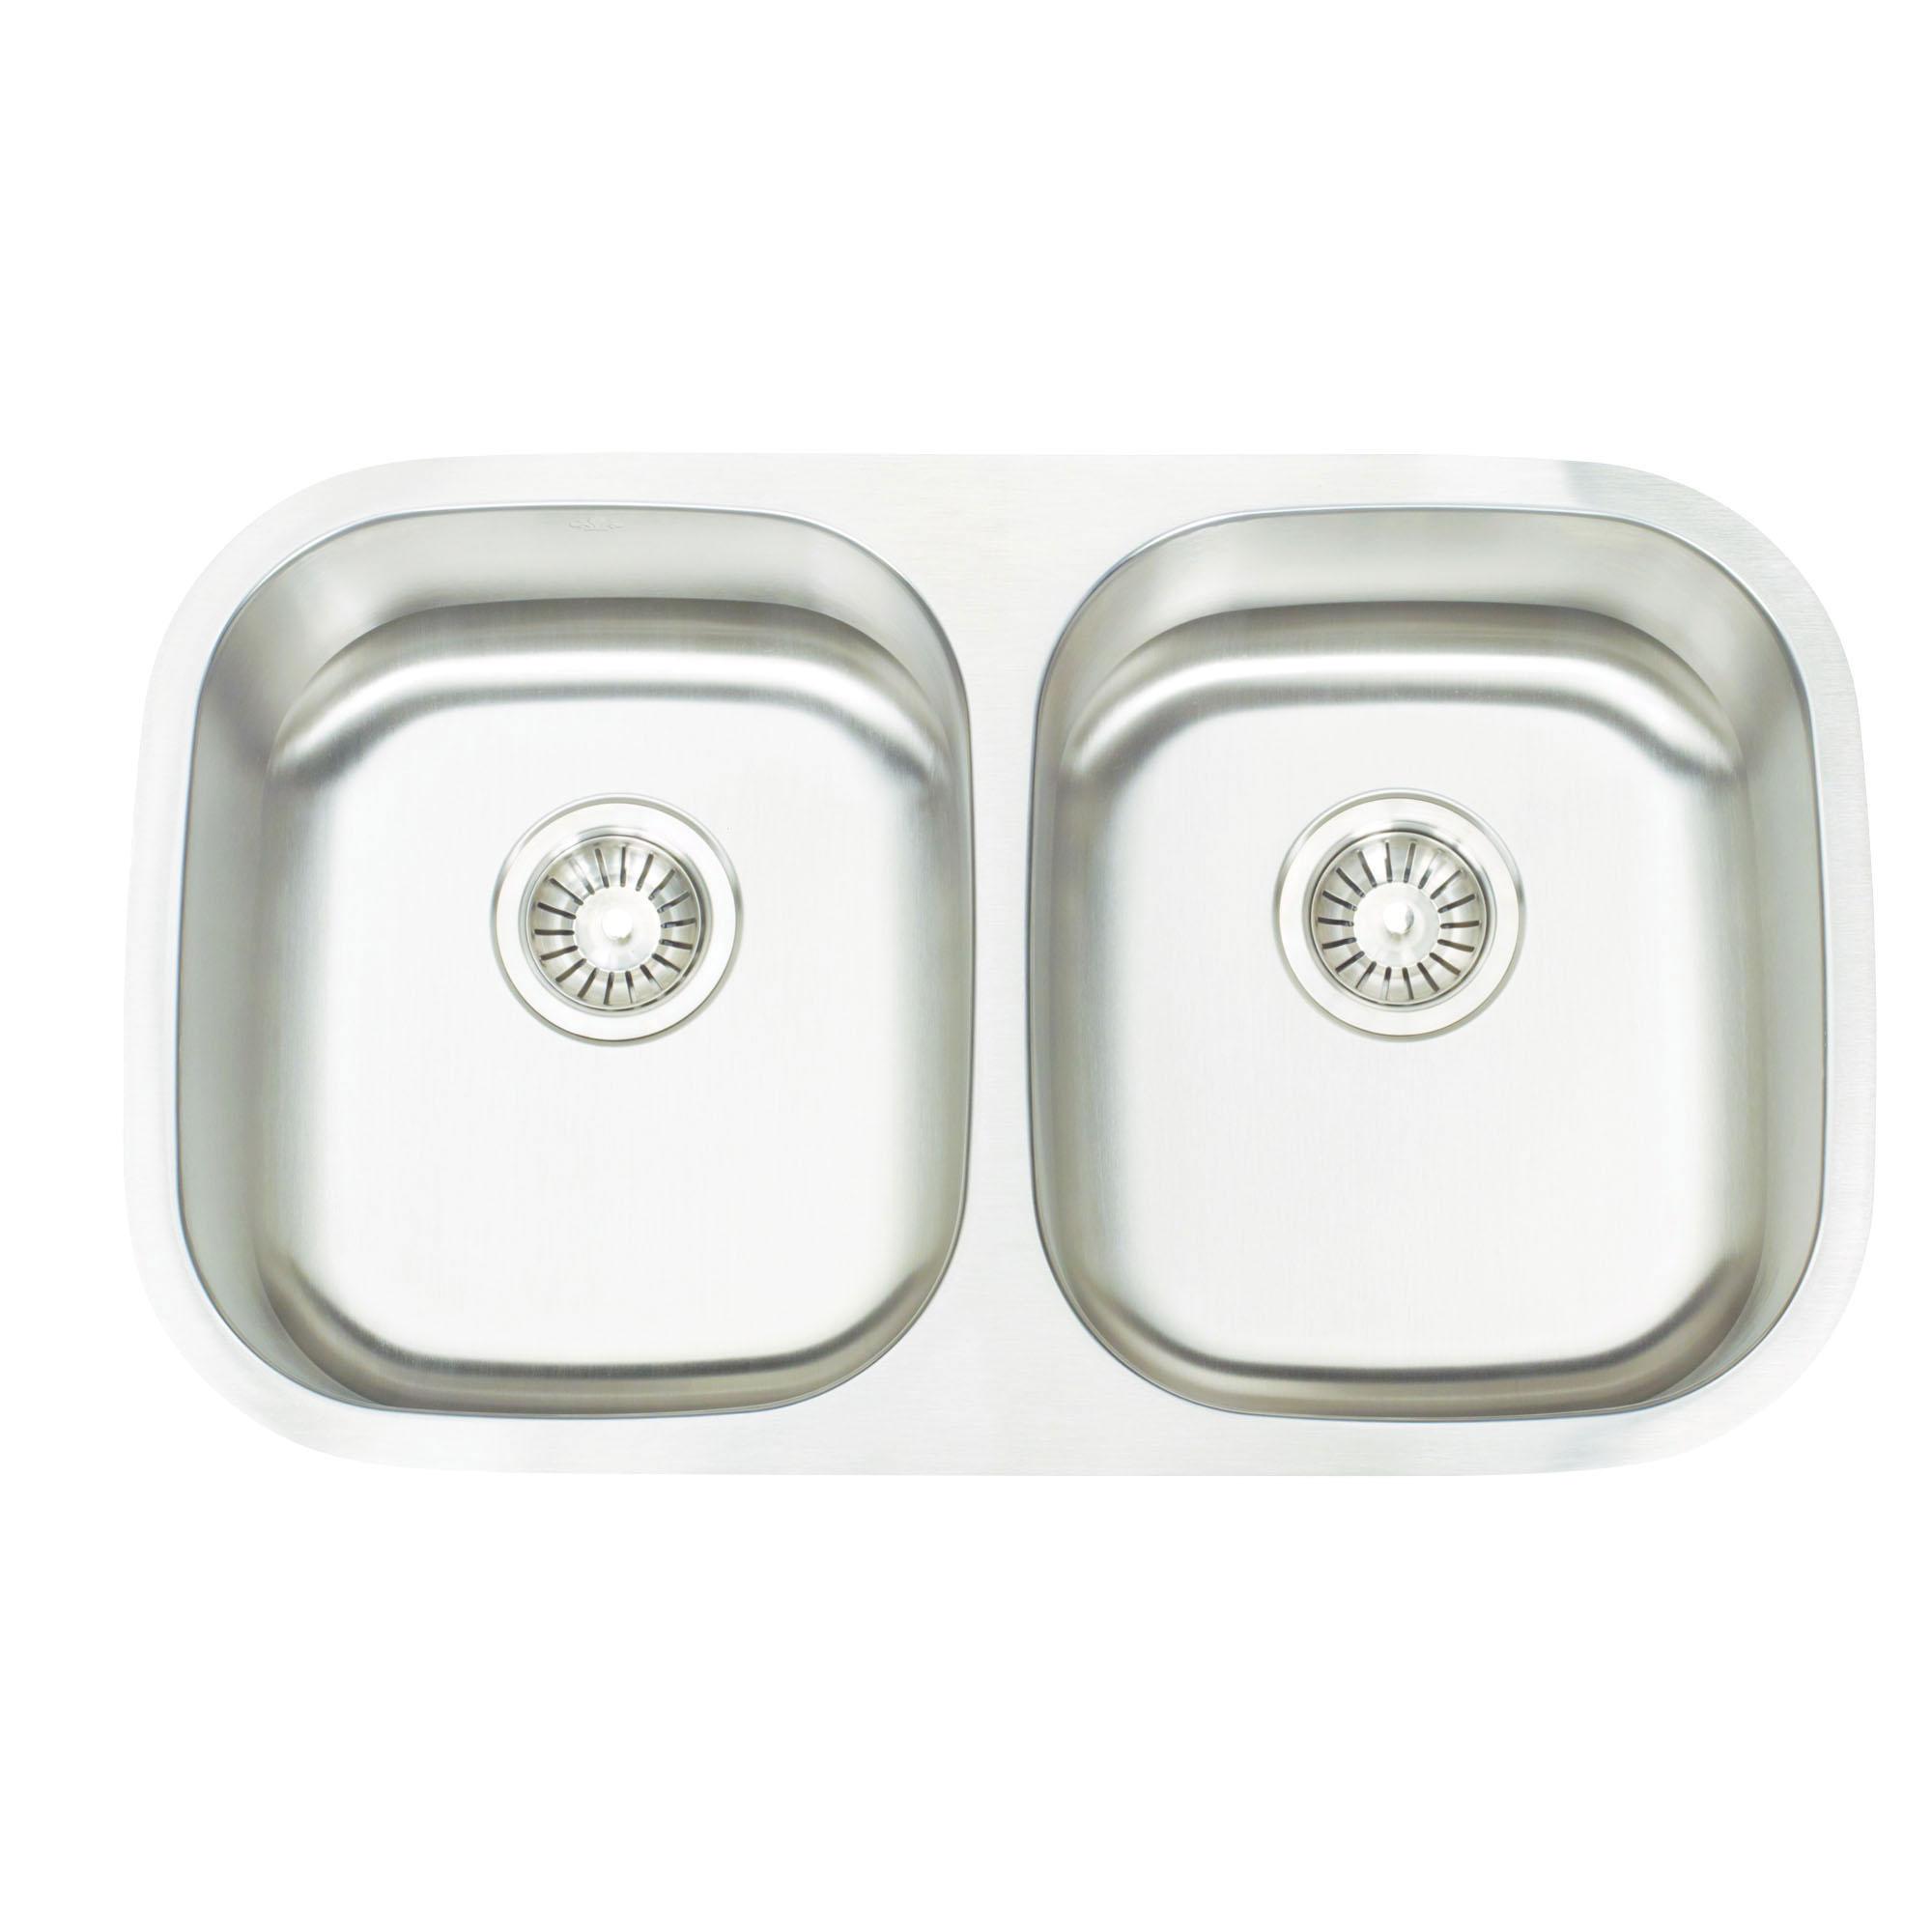 Artisan AR3218-D9/7 Premium Kitchen Sink, 13-1/2 in L x 15-3/4 in W x 9 in D Left Bowl, 13-1/2 in L x 15-3/4 in W x 7 in D Right Bowl, 30 in L x 17-3/4 in W, Under Mount, 304 Stainless Steel, Lustrous Satin